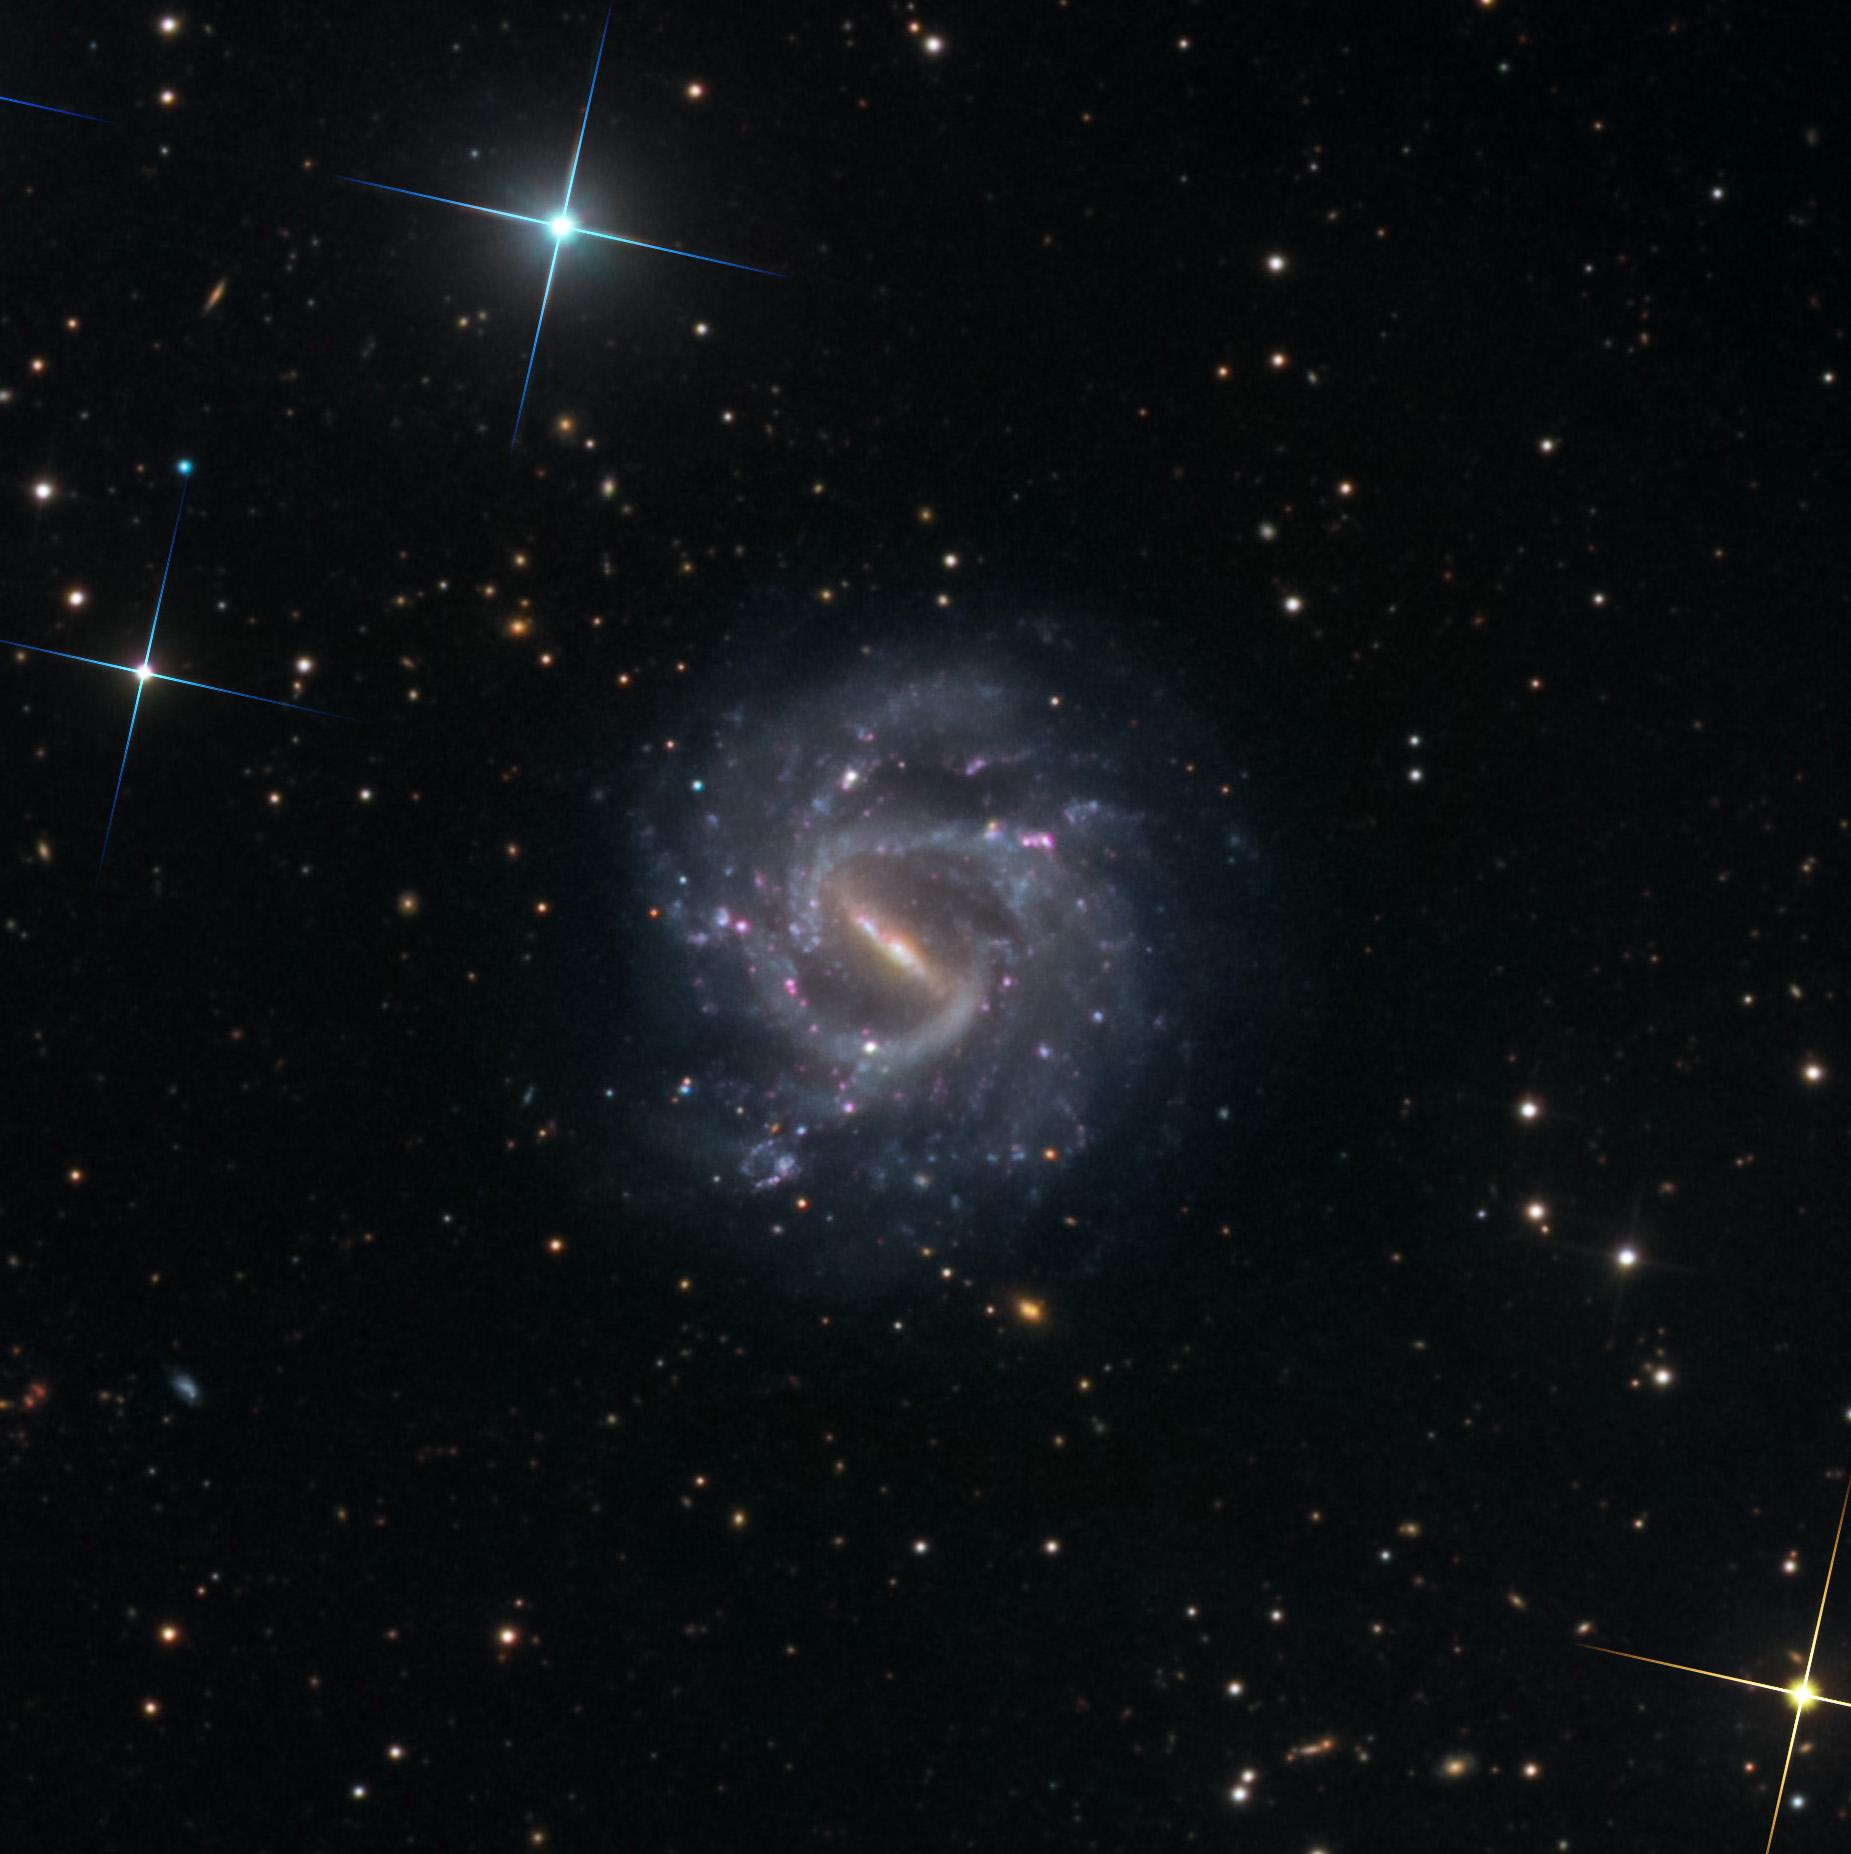 Full Crop of NGC 1073